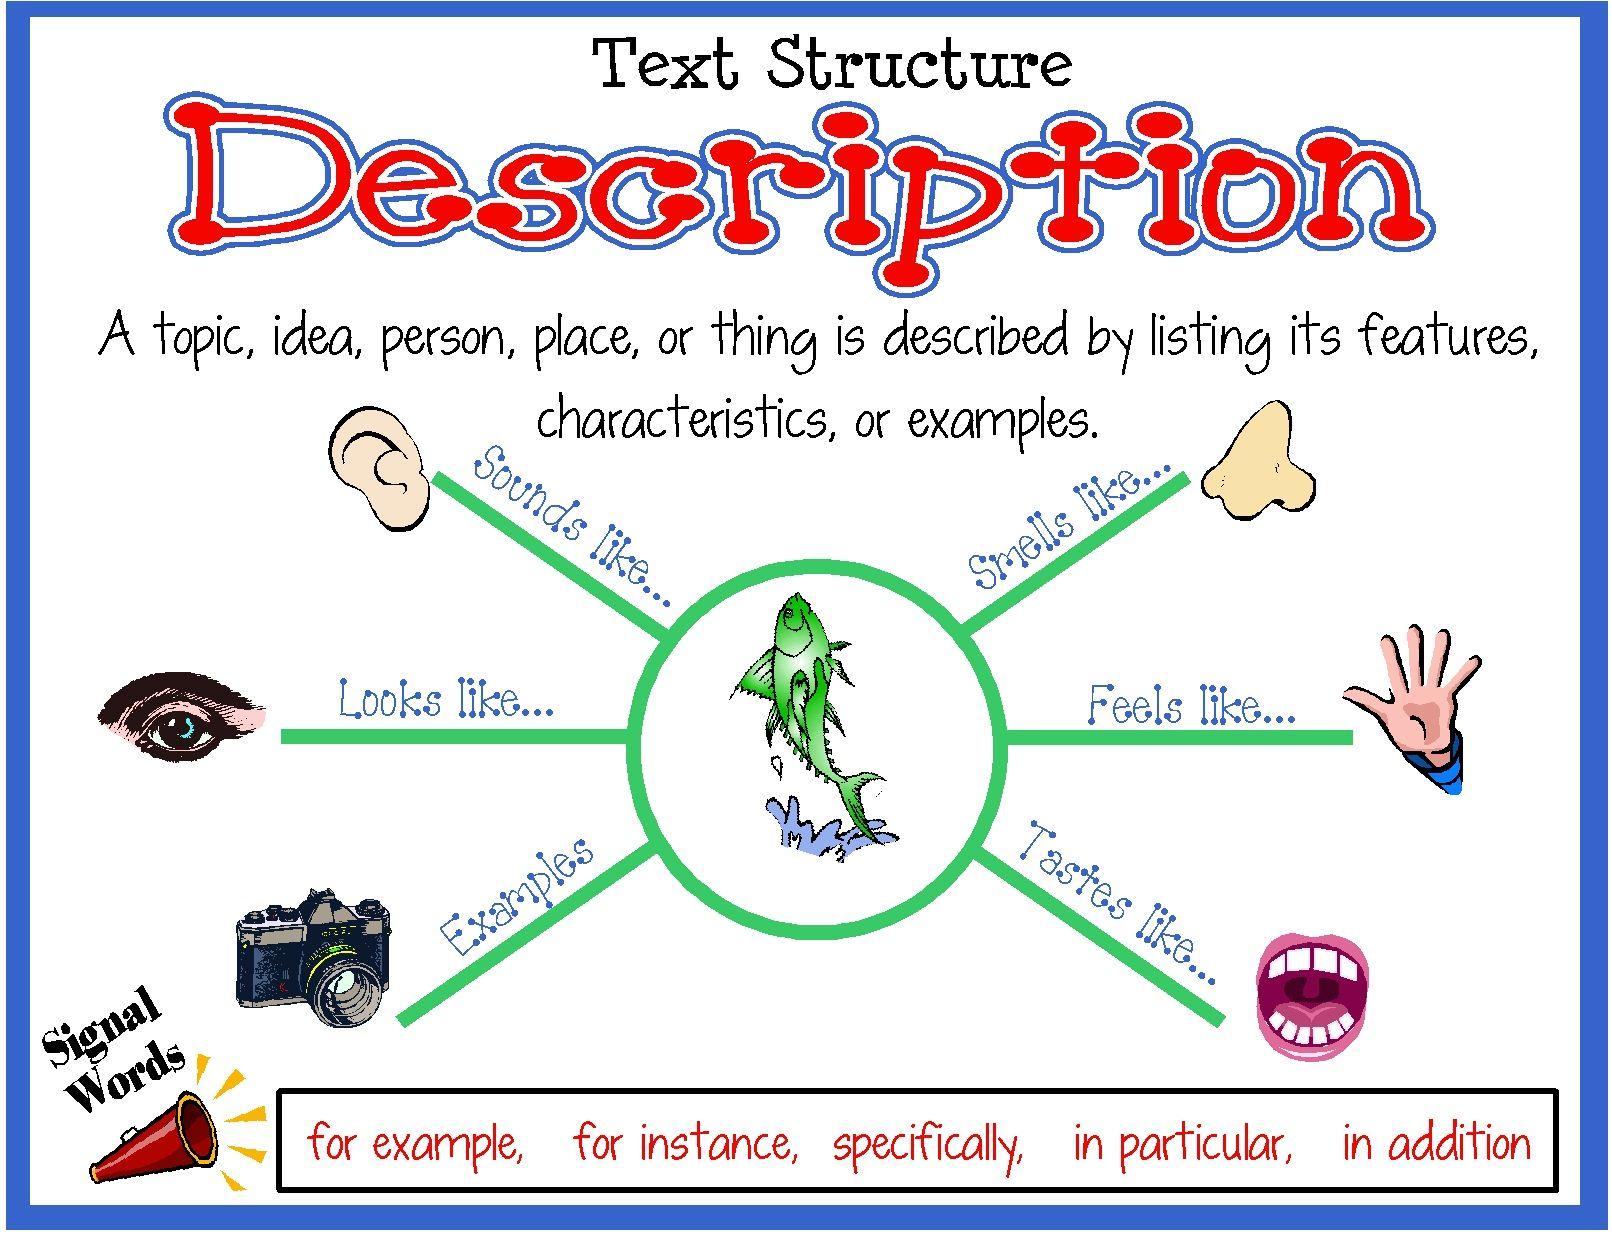 Text Structure Description Poster